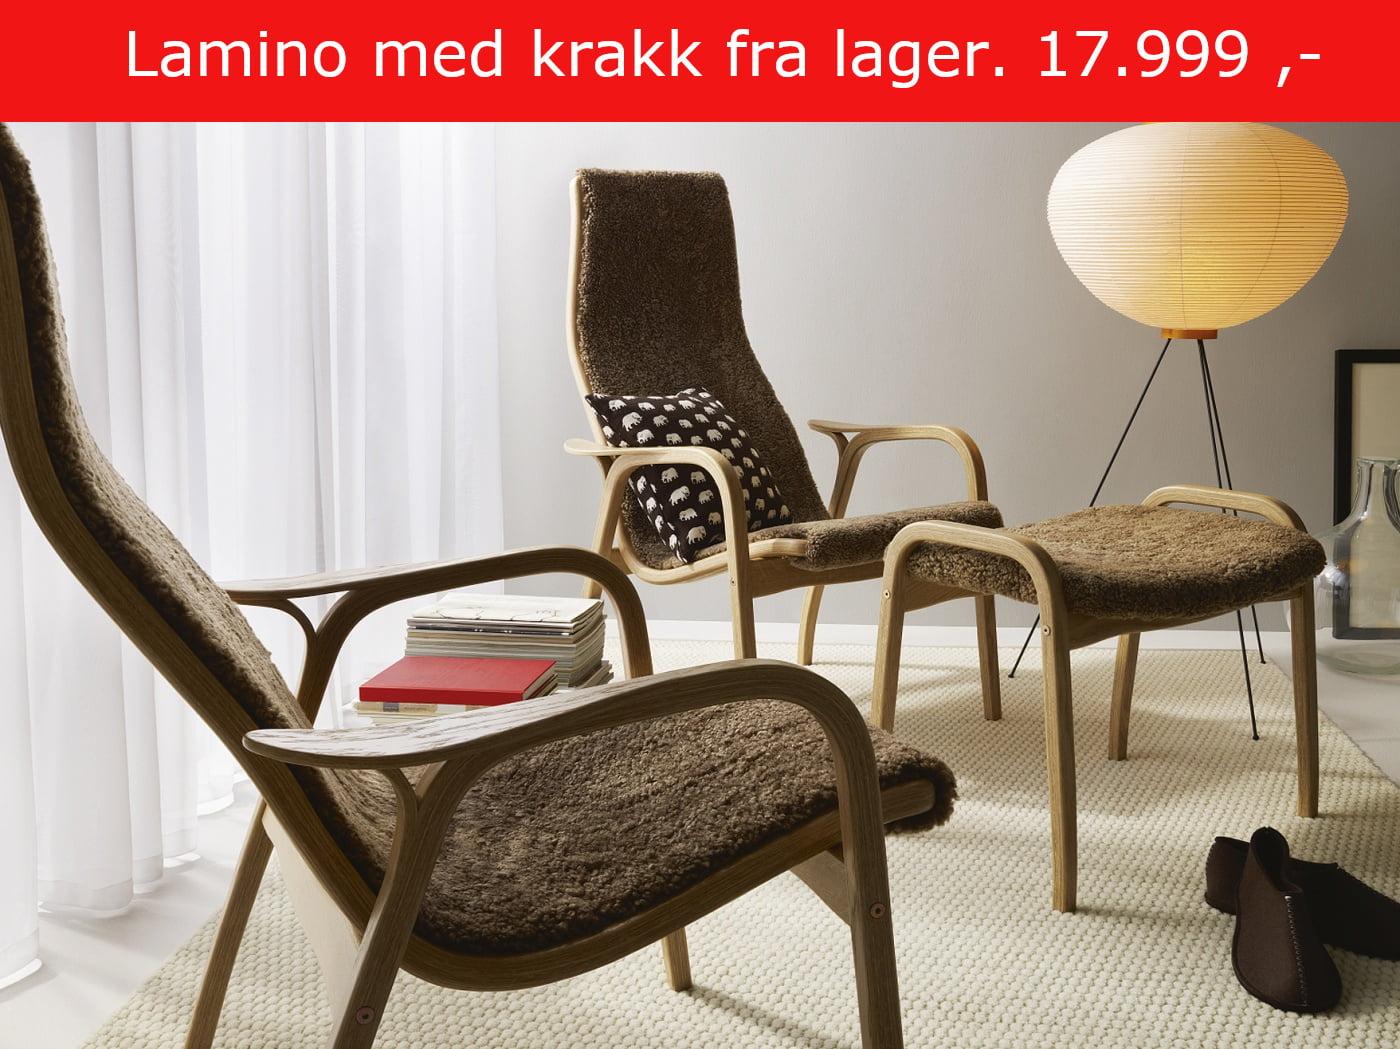 Årnes Møbler, Langleite, Vormsundvegen 20, Årnes (2020)